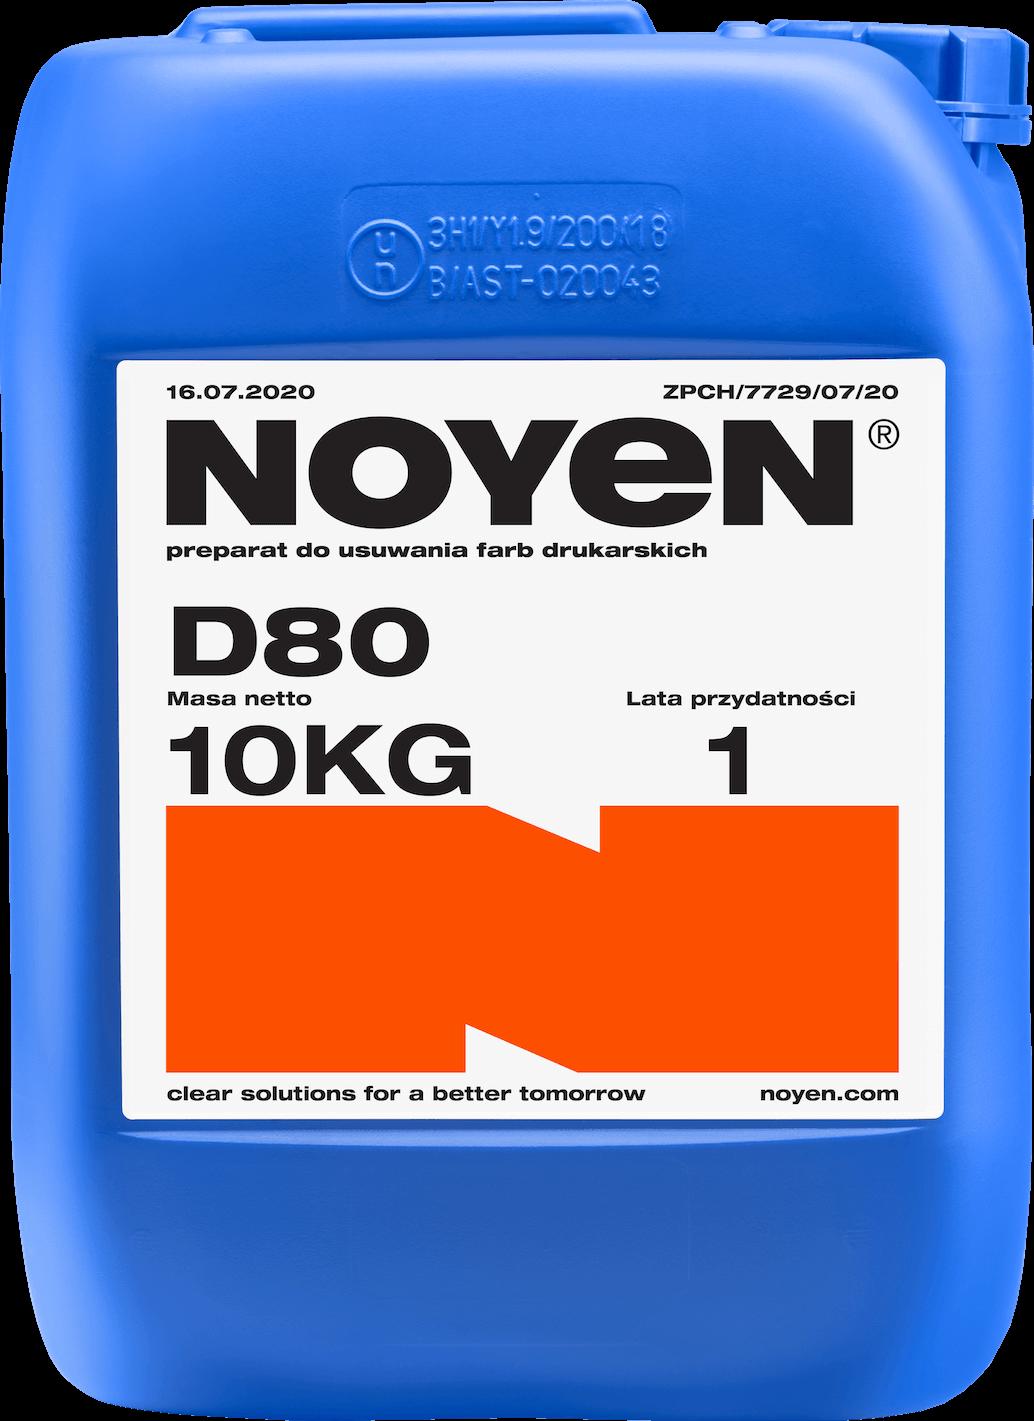 D80 NOYEN 10 KG preparat do usuwania farb drukarskich w niebieskim kanistrze